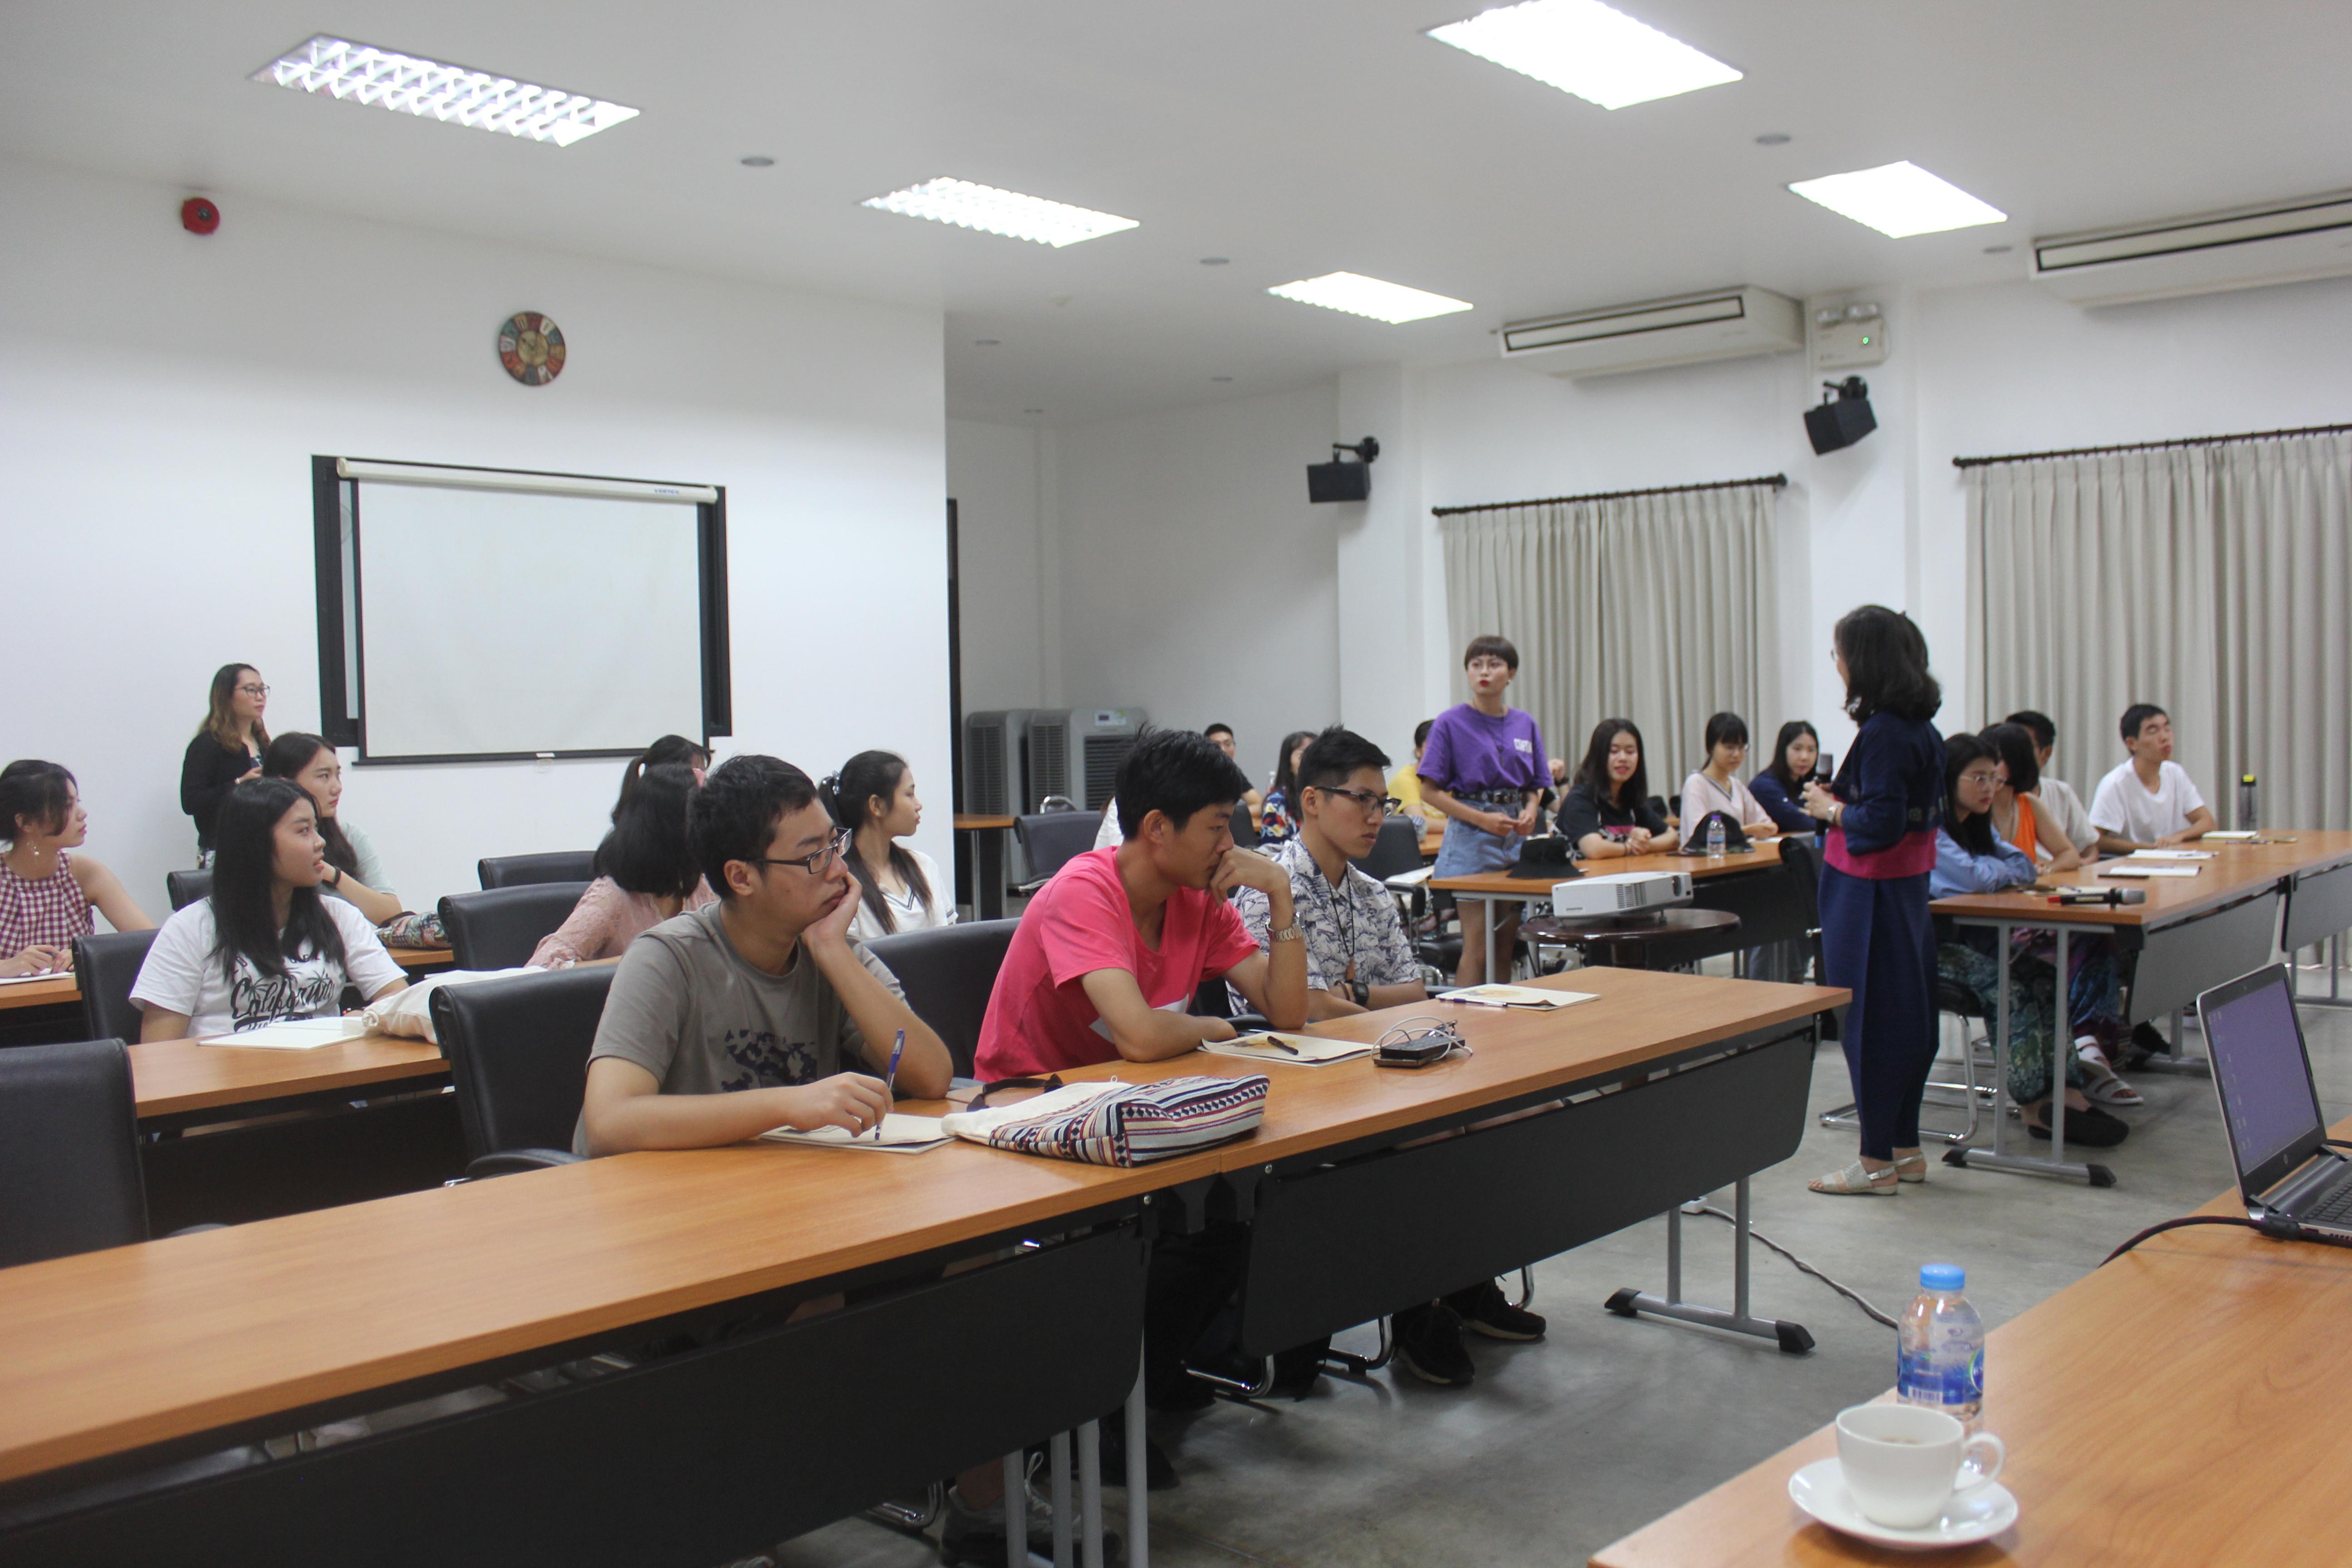 โครงการการจัดหลักสูตรด้านศิลปะล้านนาและวัฒนธรรมภายในมหาวิทยาลัยเชียงใหม่  (Lanna Arts and Cultural Inspection in CMU) แก่นักศึกษาและคณาจารย์ จากมหาวิทยาลัยกวางสีอาร์ต สาธารณรัฐประชาชนจีน